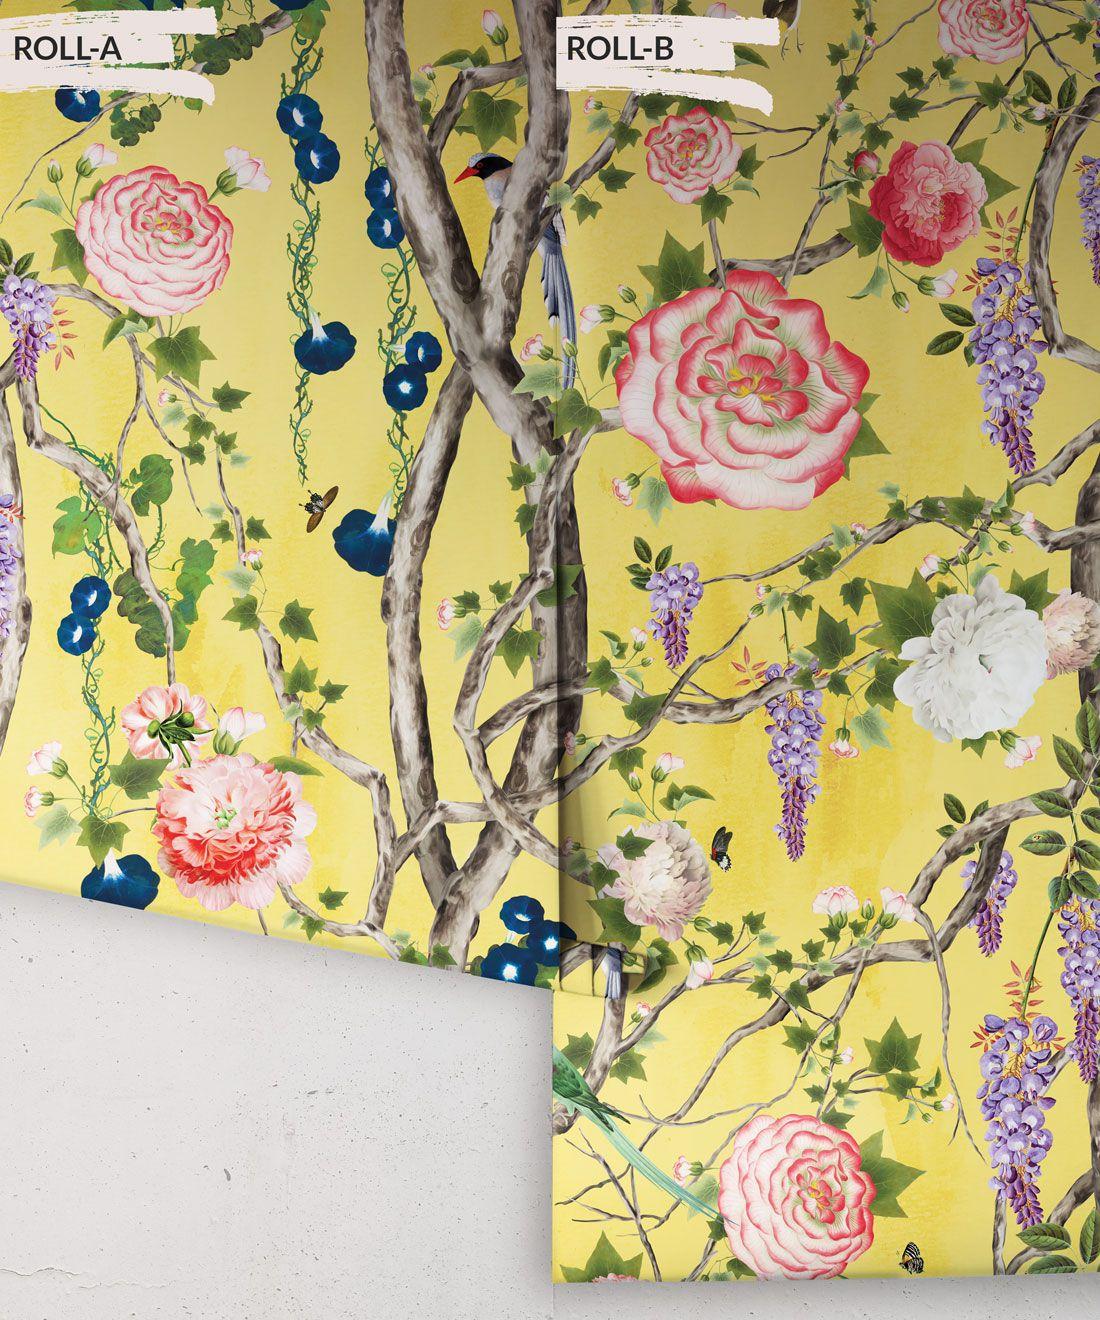 Empress Wallpaper • Romantic Wallpaper • Floral Wallpaper • Chinoiserie Wallpaper • Honey Yellow colour wallpaper rolls